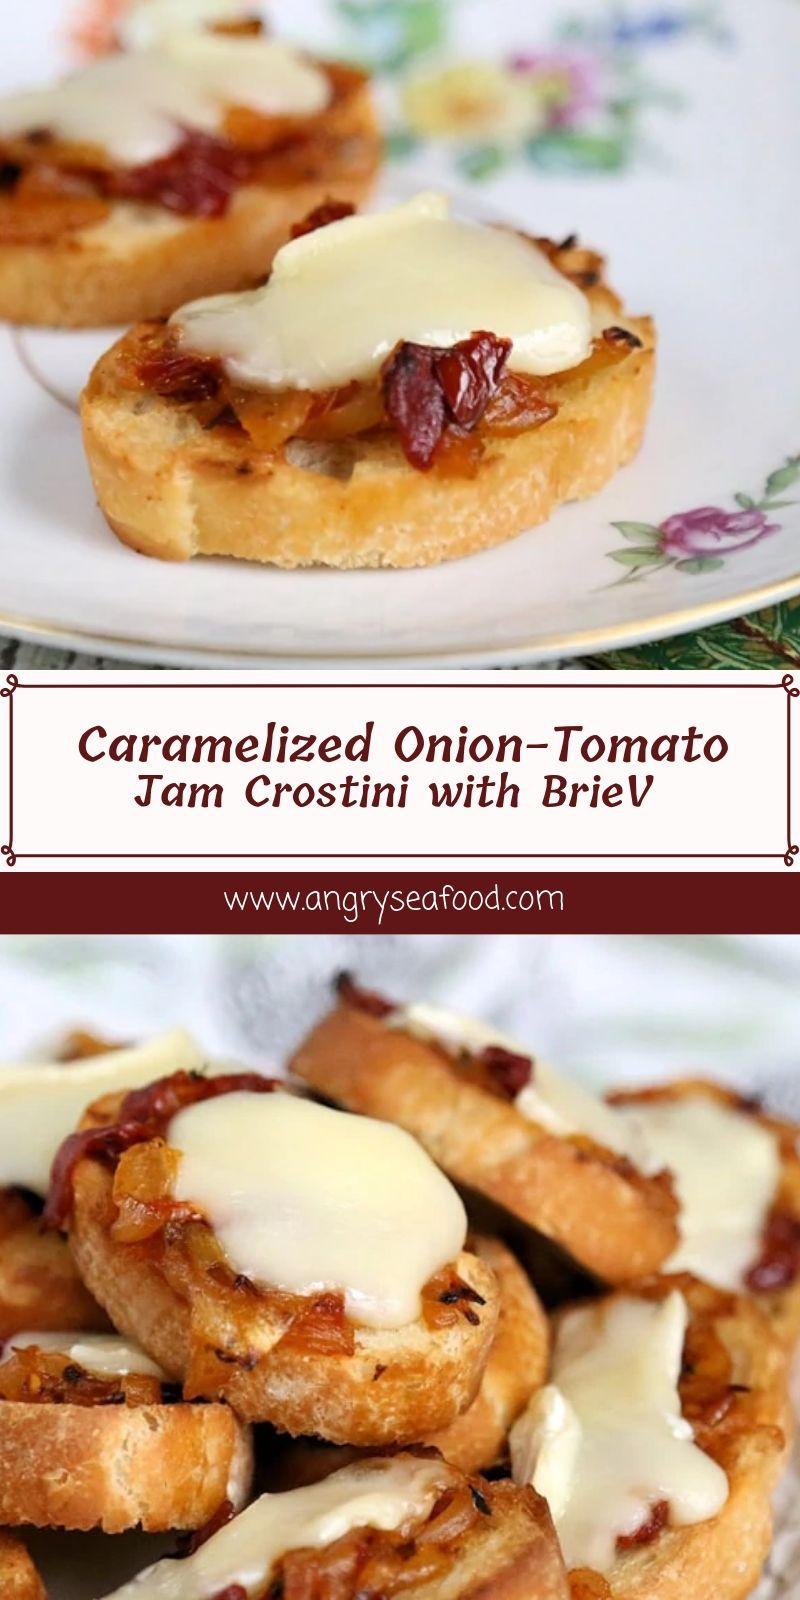 Caramelized Onion-Tomato Jam Crostini with Brie